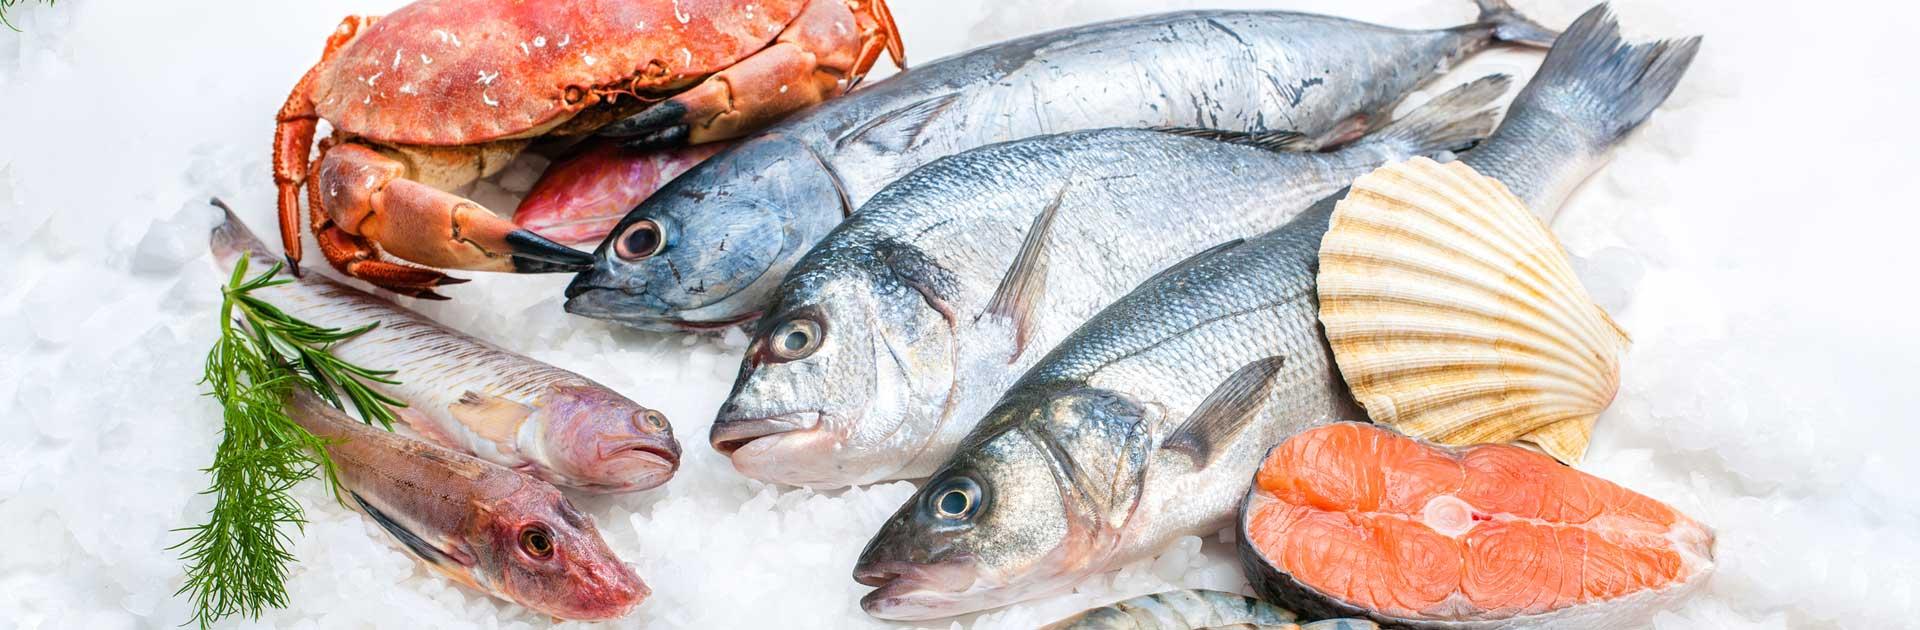 خرید و فروش انواع ماهی